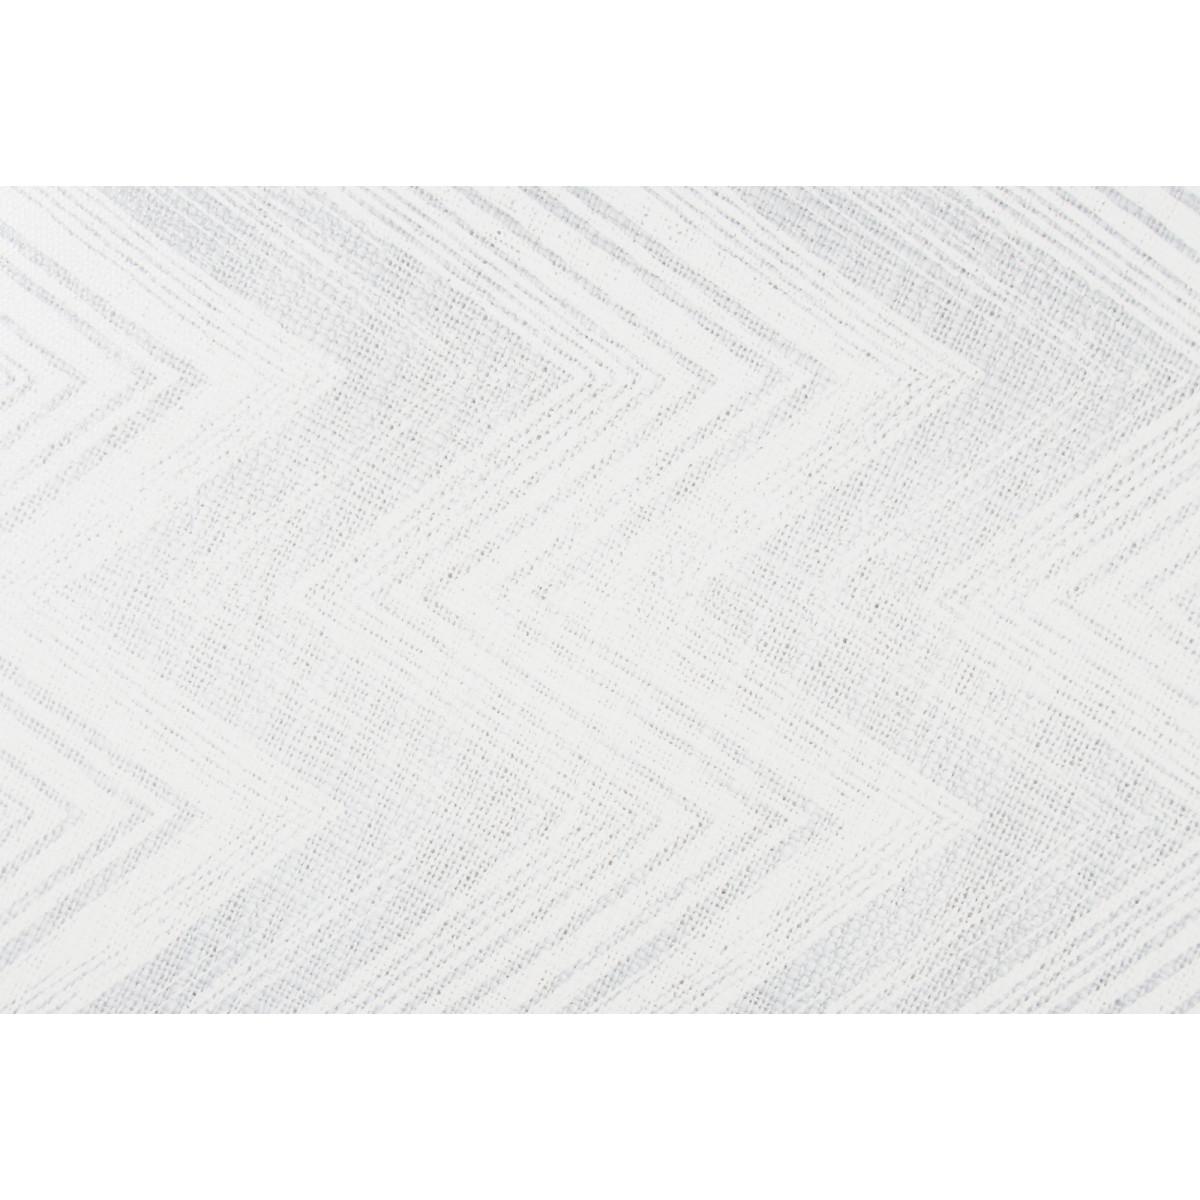 Декор настенный Merida Santiago 27x40 см цвет светло-серый